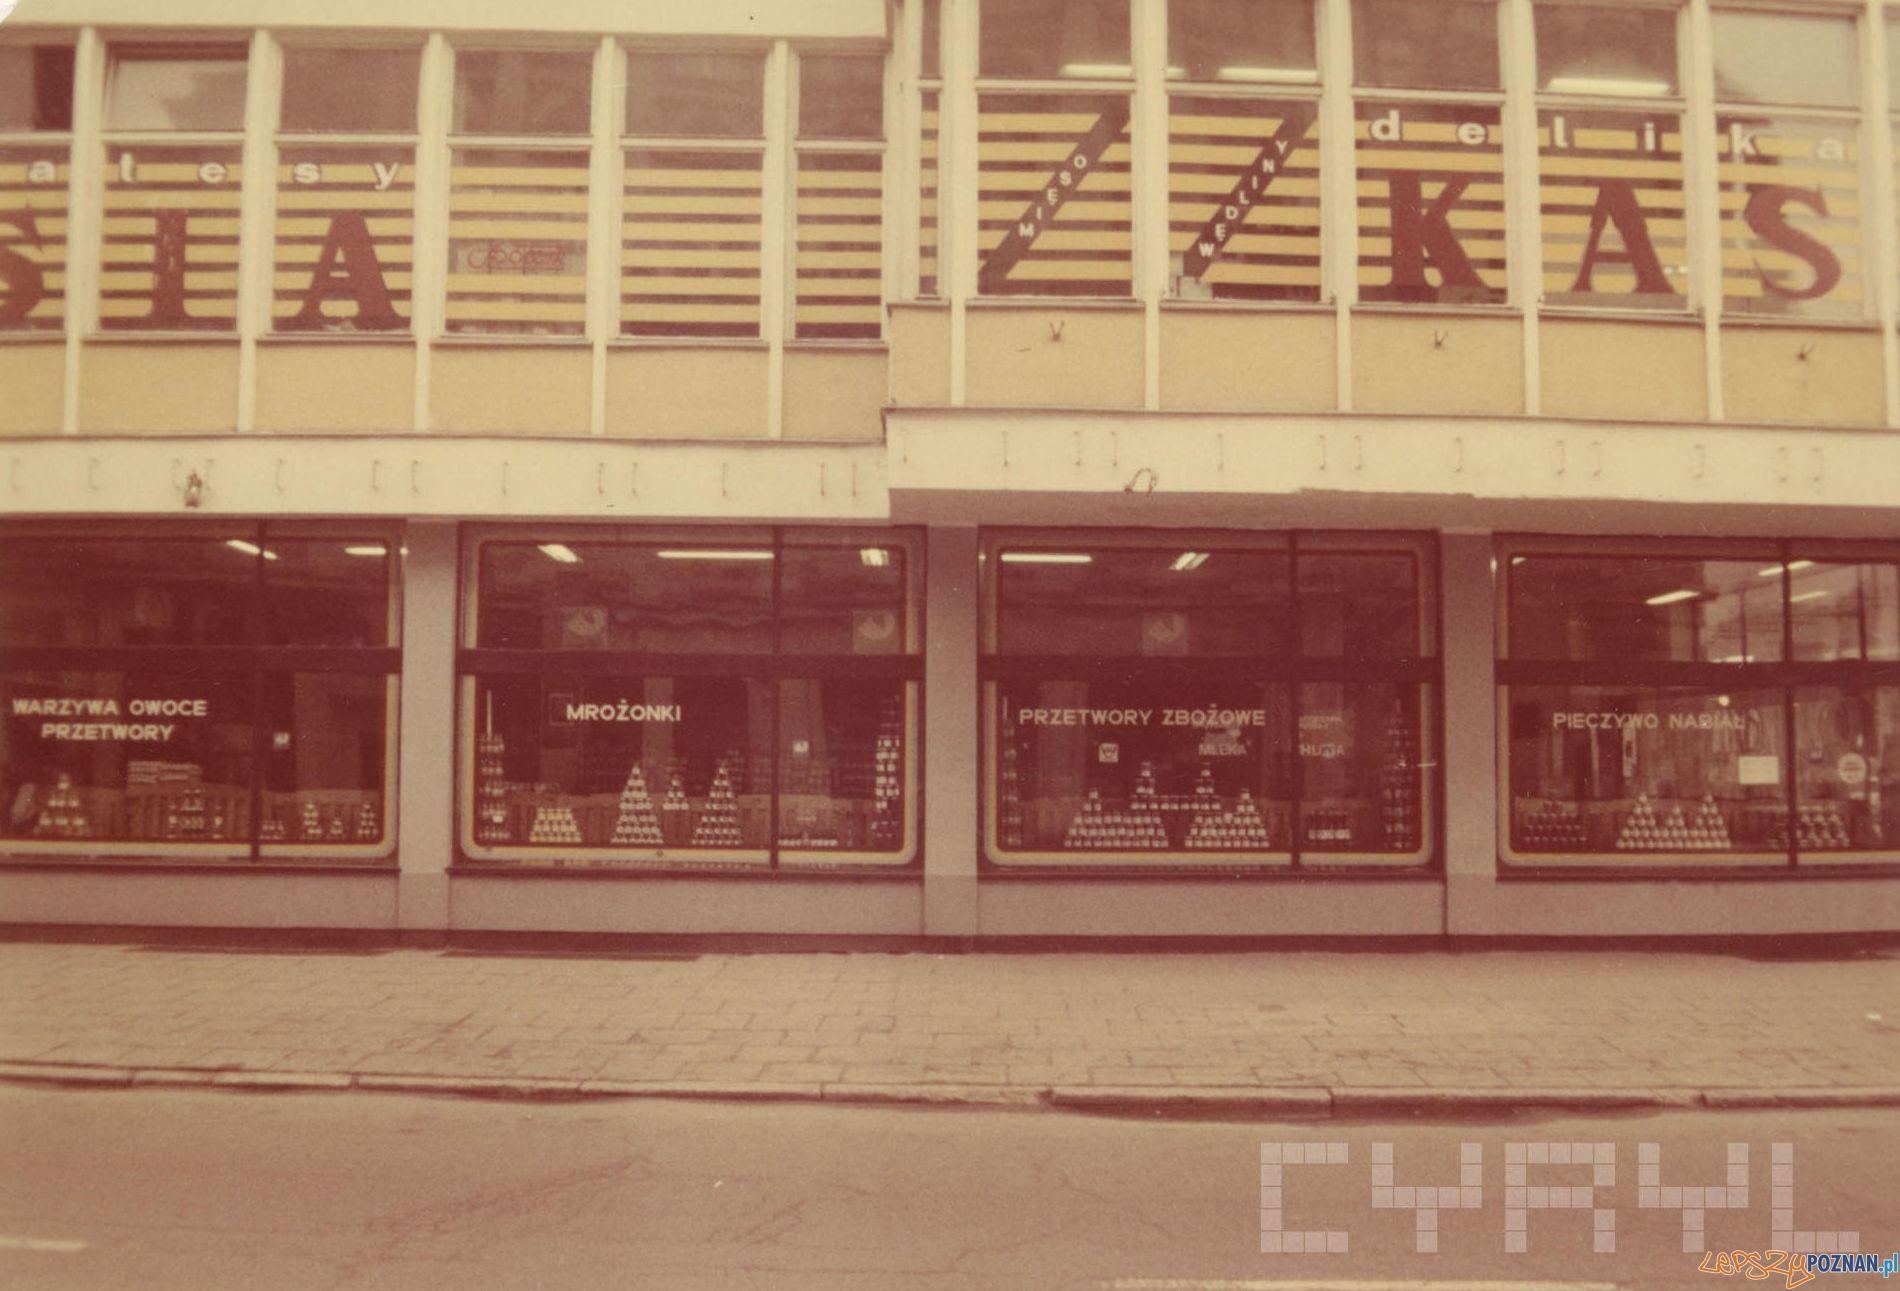 Delikatesy Kasia - 27 Grudnia - 1989 r.  Foto: PSS Społem / Cyryl